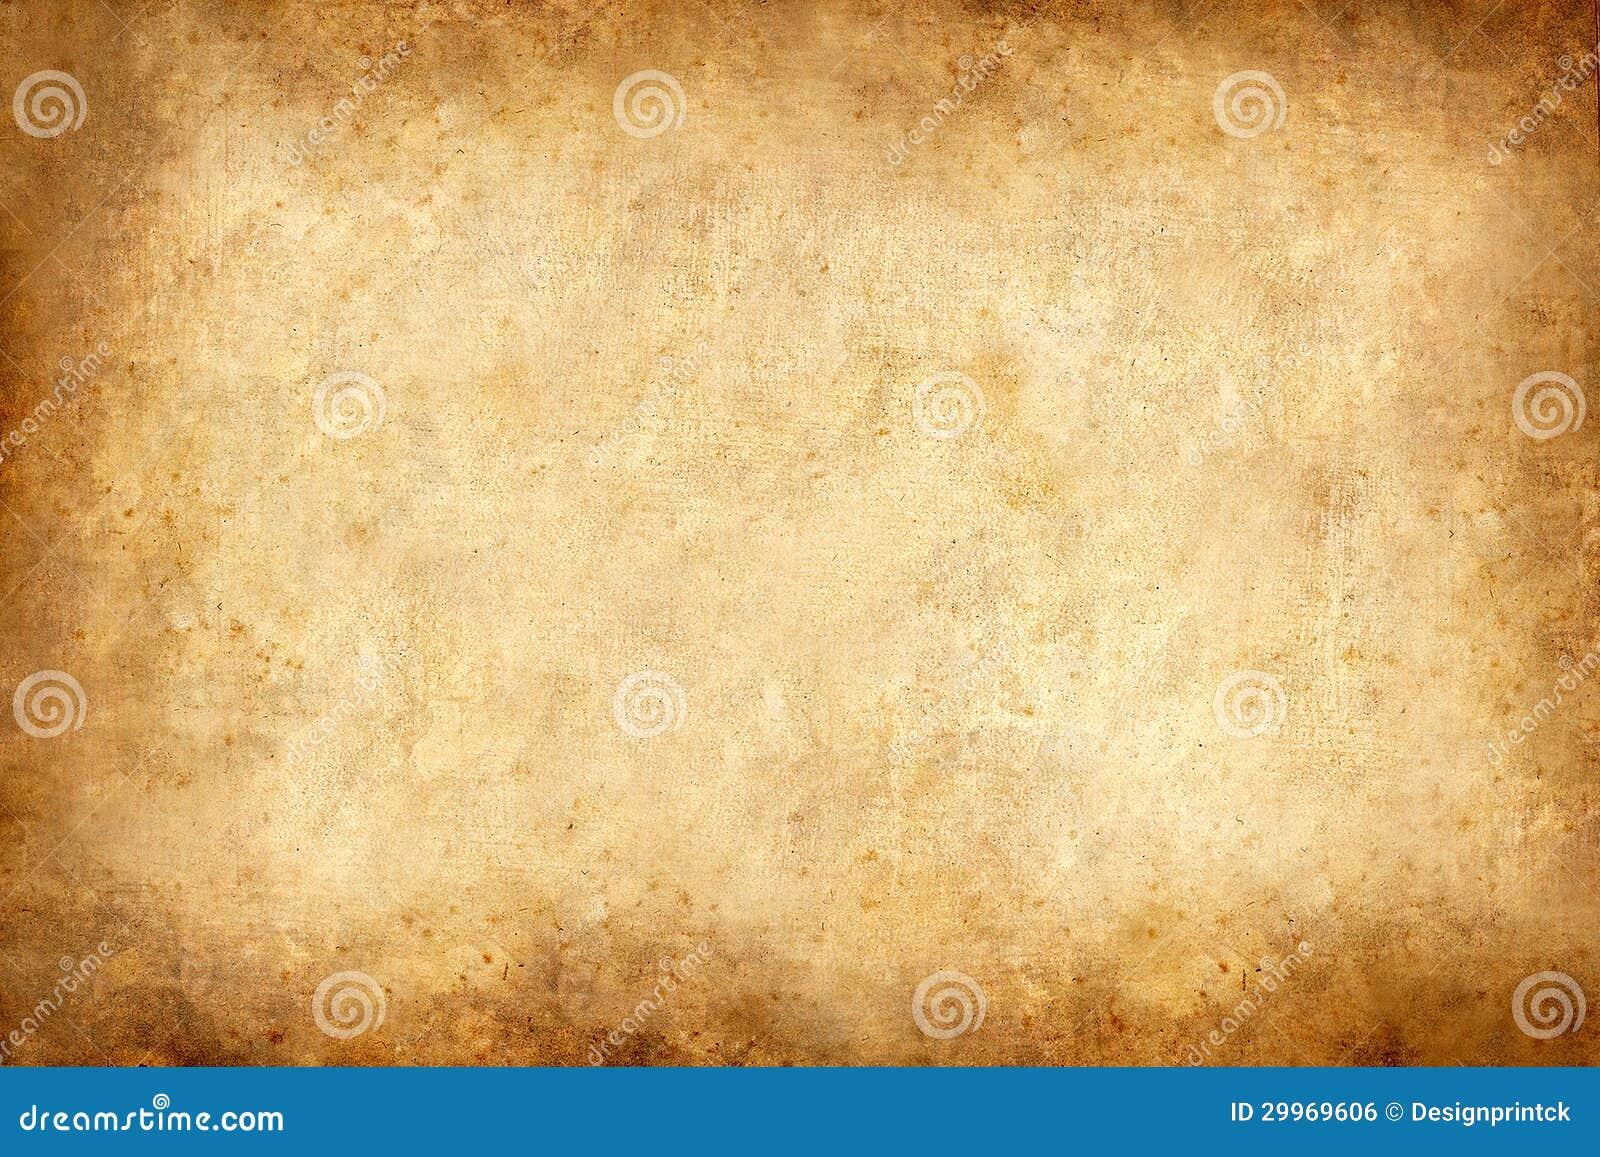 Vieja textura de papel